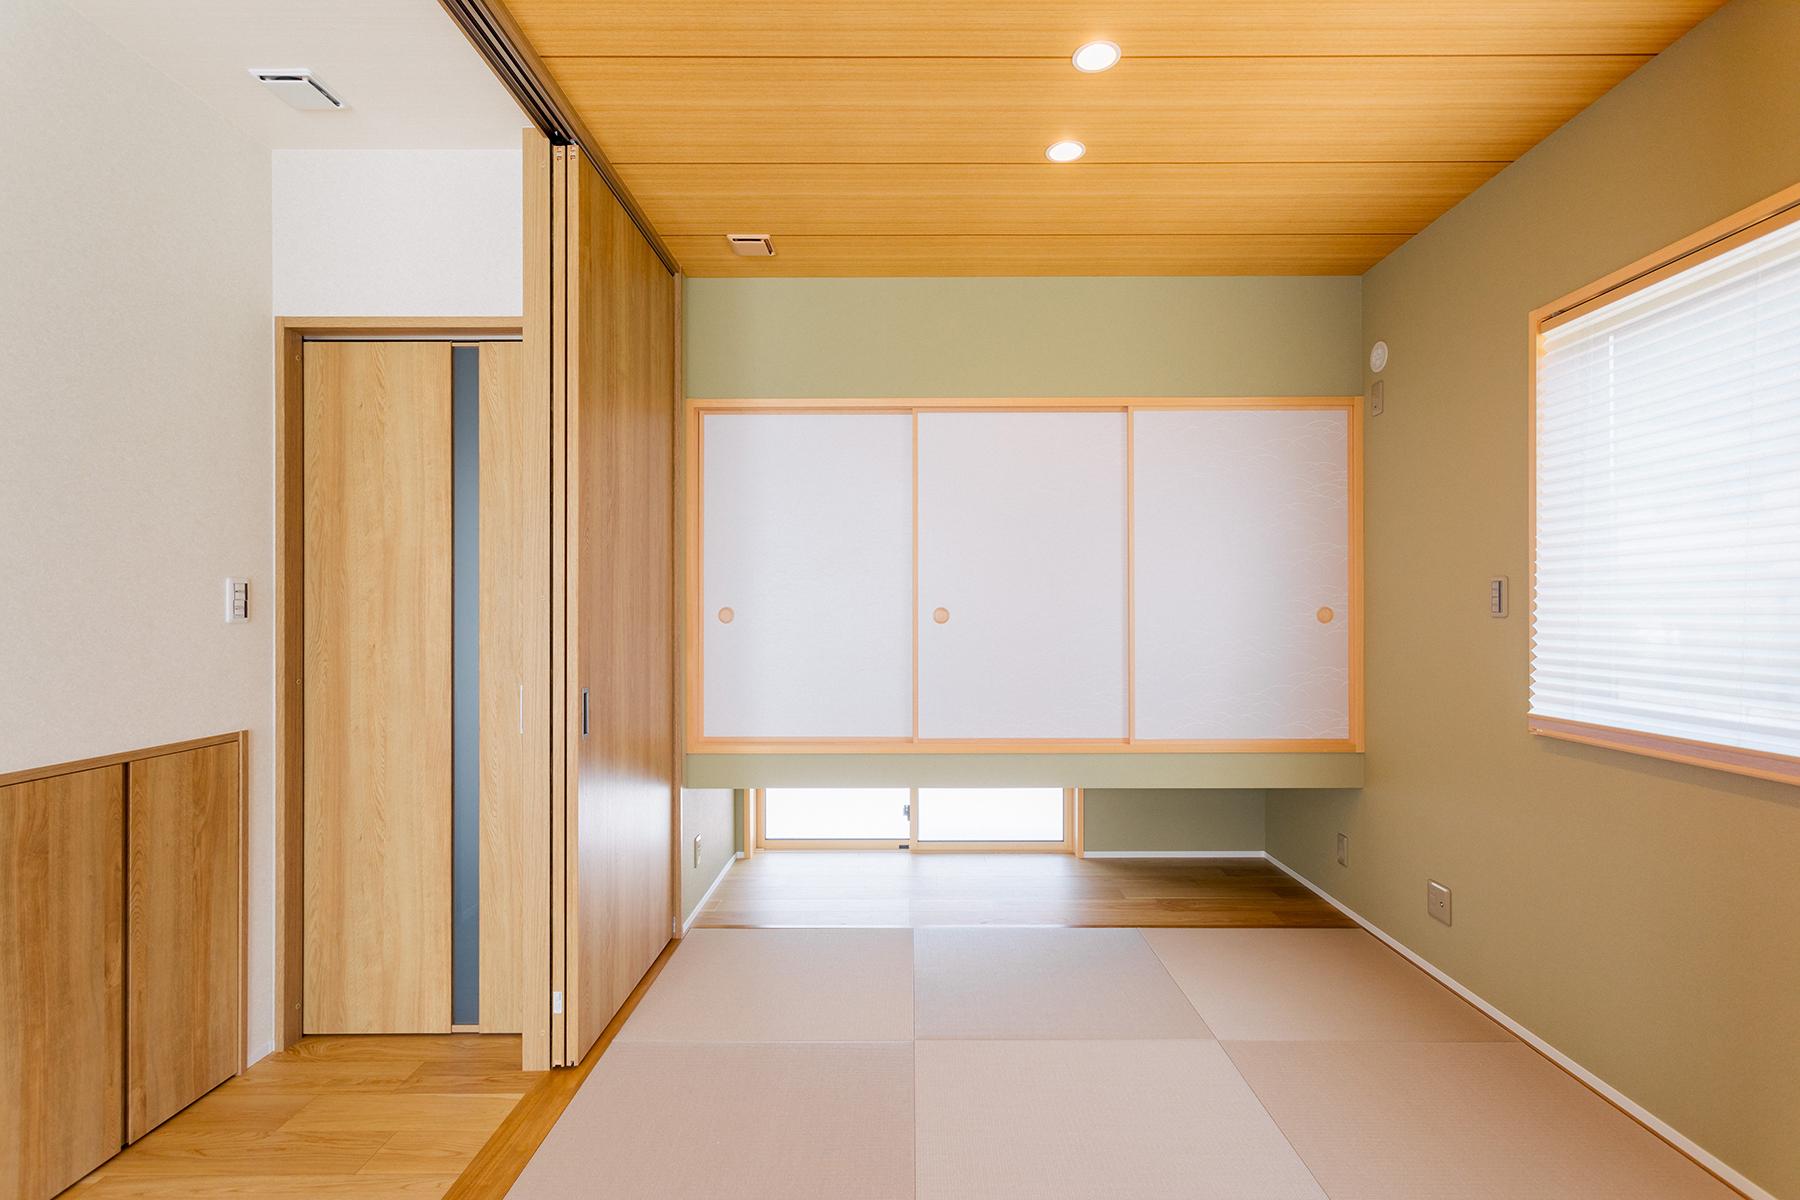 和モダンのデザインを心掛けた和室。扉が収納でき、閉めると個室としても使えます。